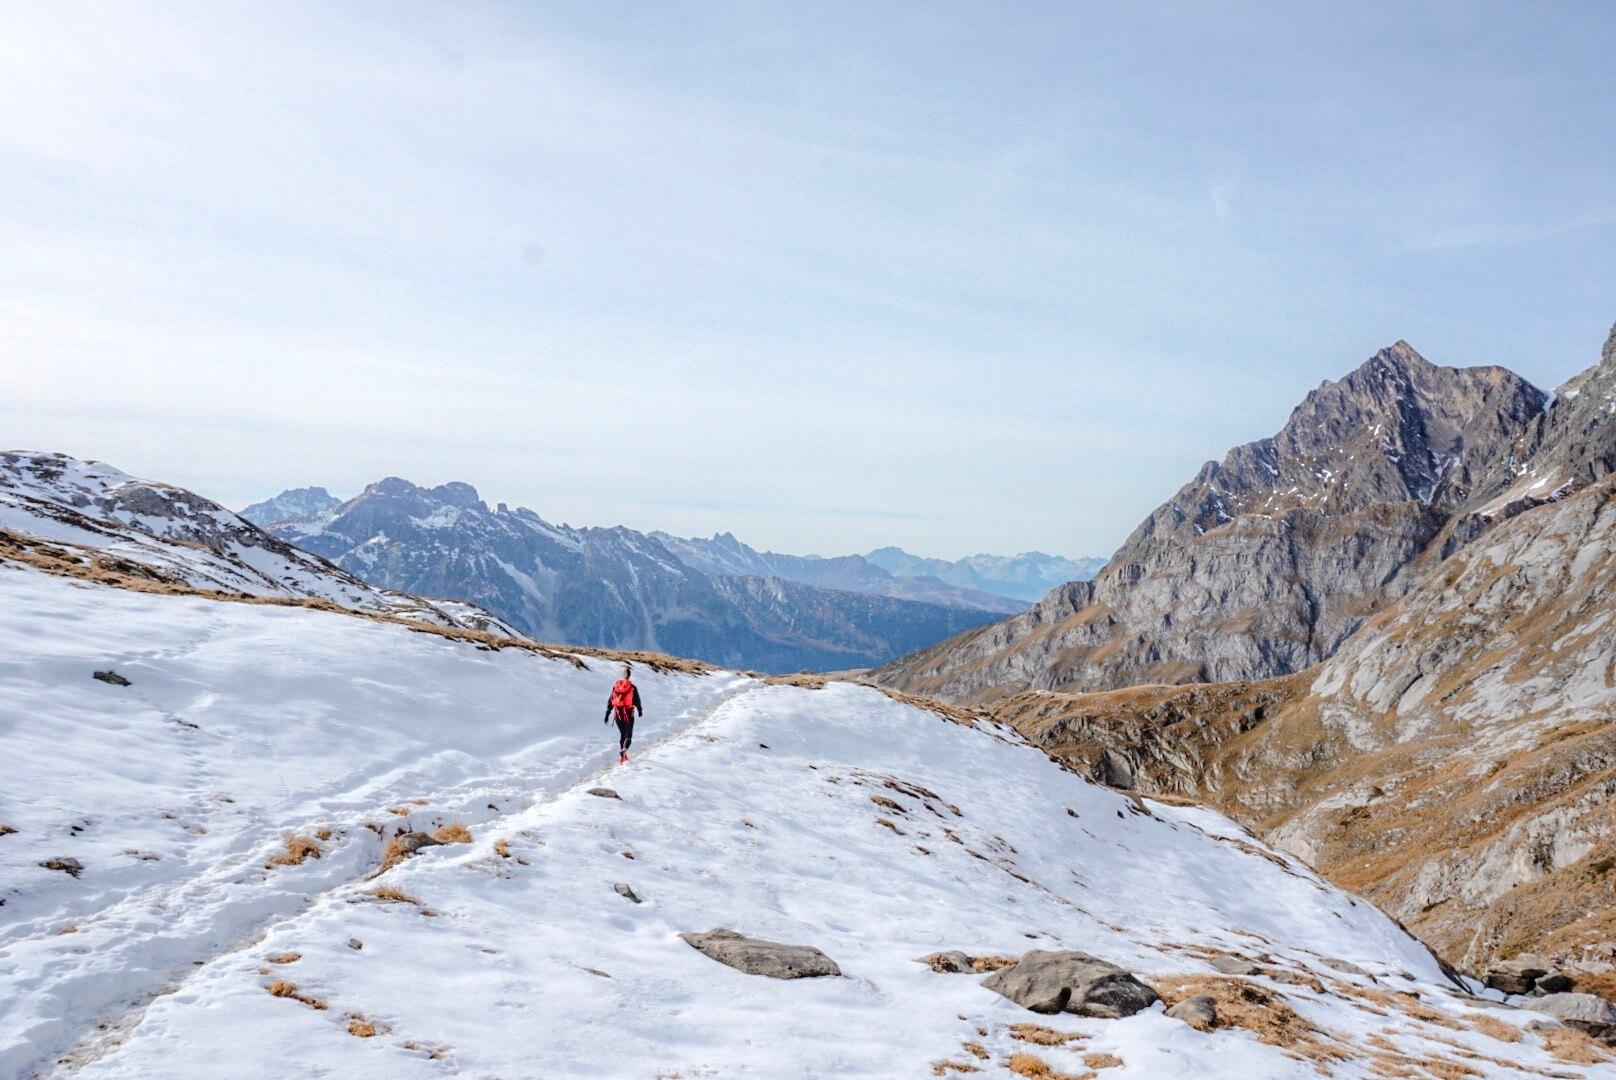 Idée randonnée parc de la vanoise Savoie